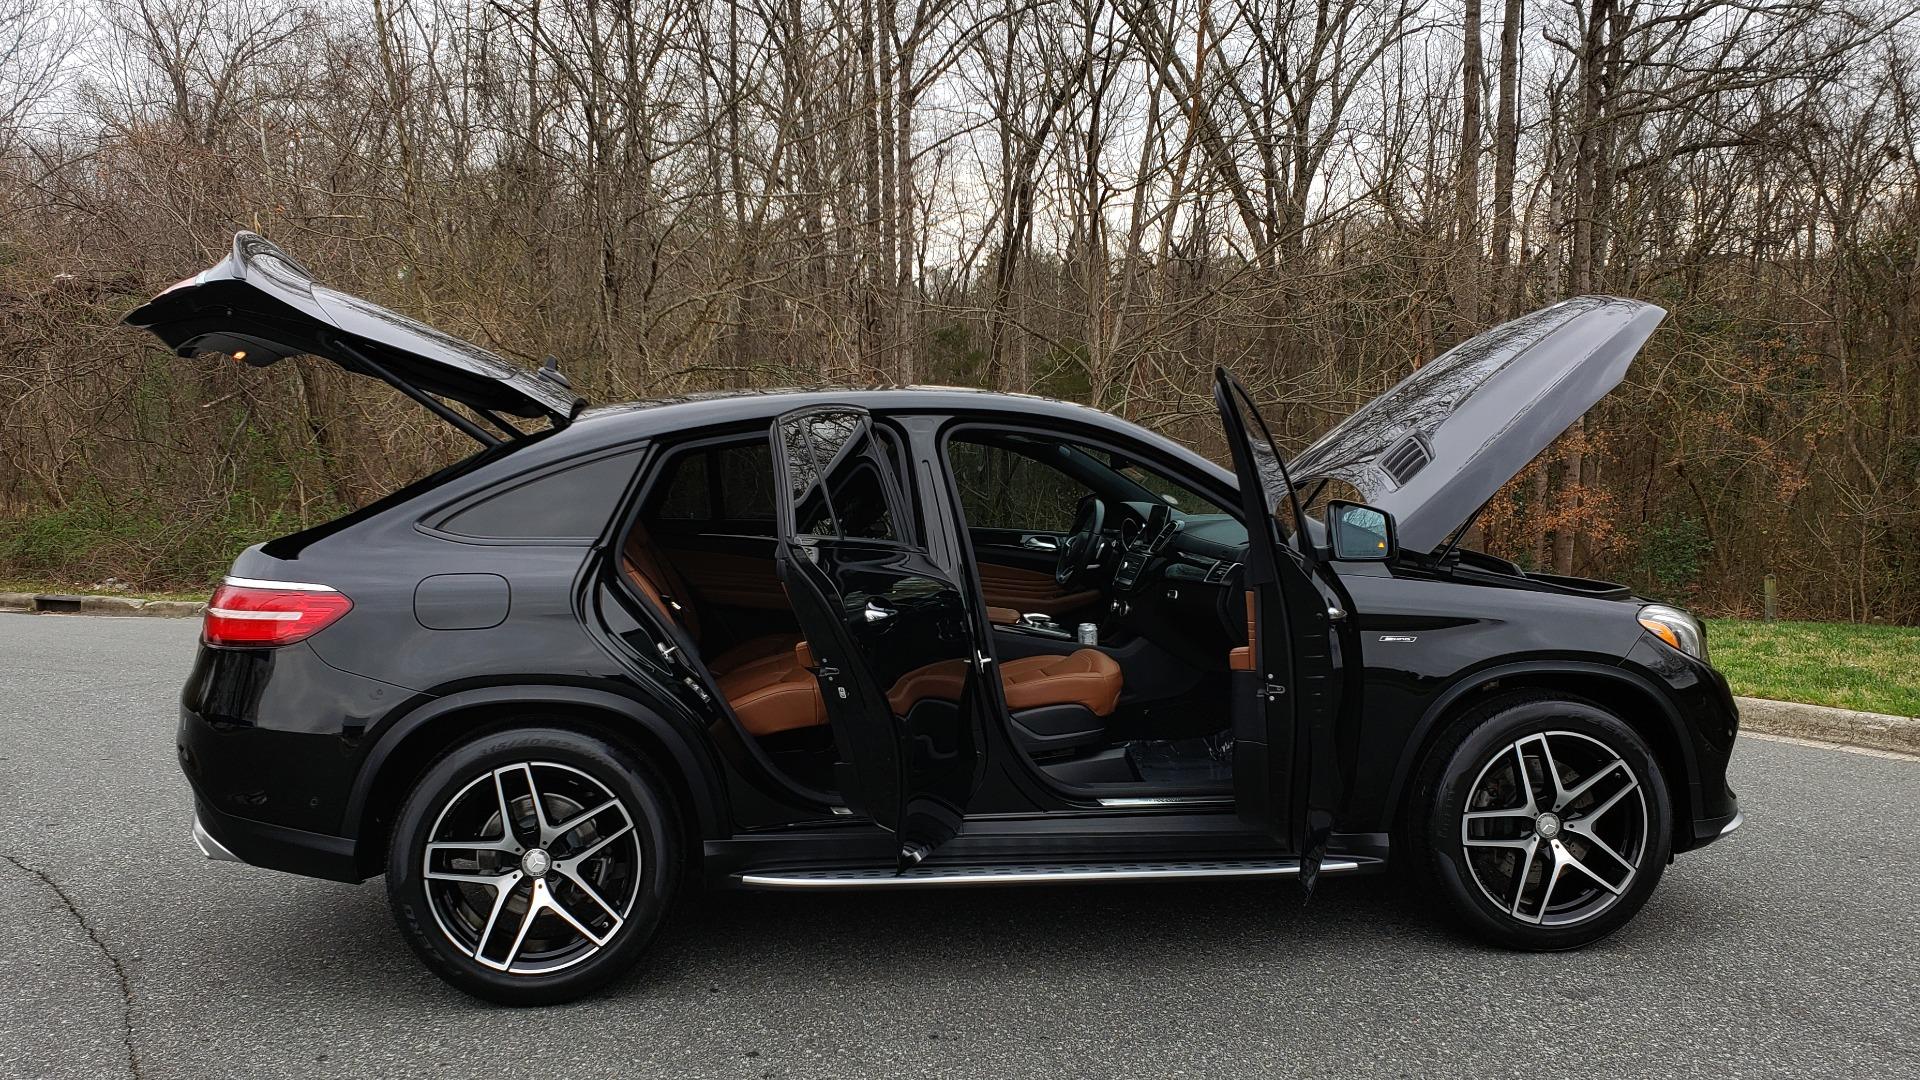 Used 2016 Mercedes-Benz GLE 450 AMG / AWD / PREM PKG / PARK ASST / DRVR ASST / SUNROOF for sale Sold at Formula Imports in Charlotte NC 28227 11